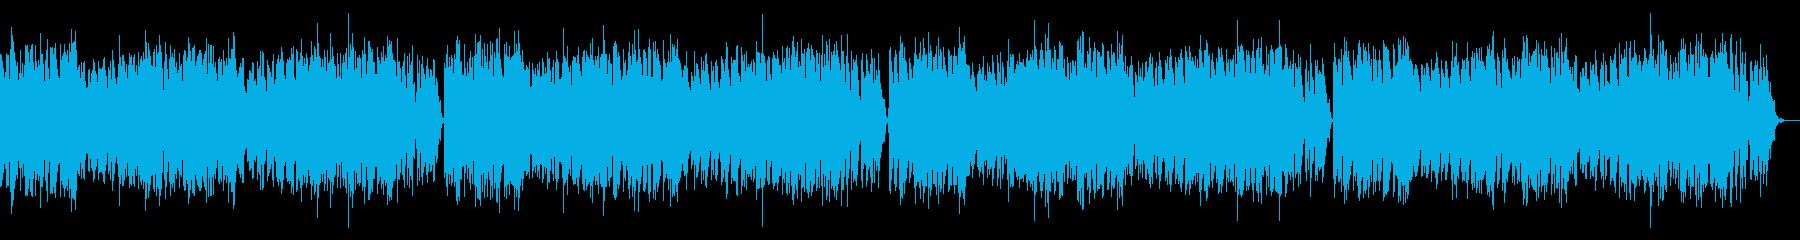 「ジングルベル」をオルゴールで作りましたの再生済みの波形